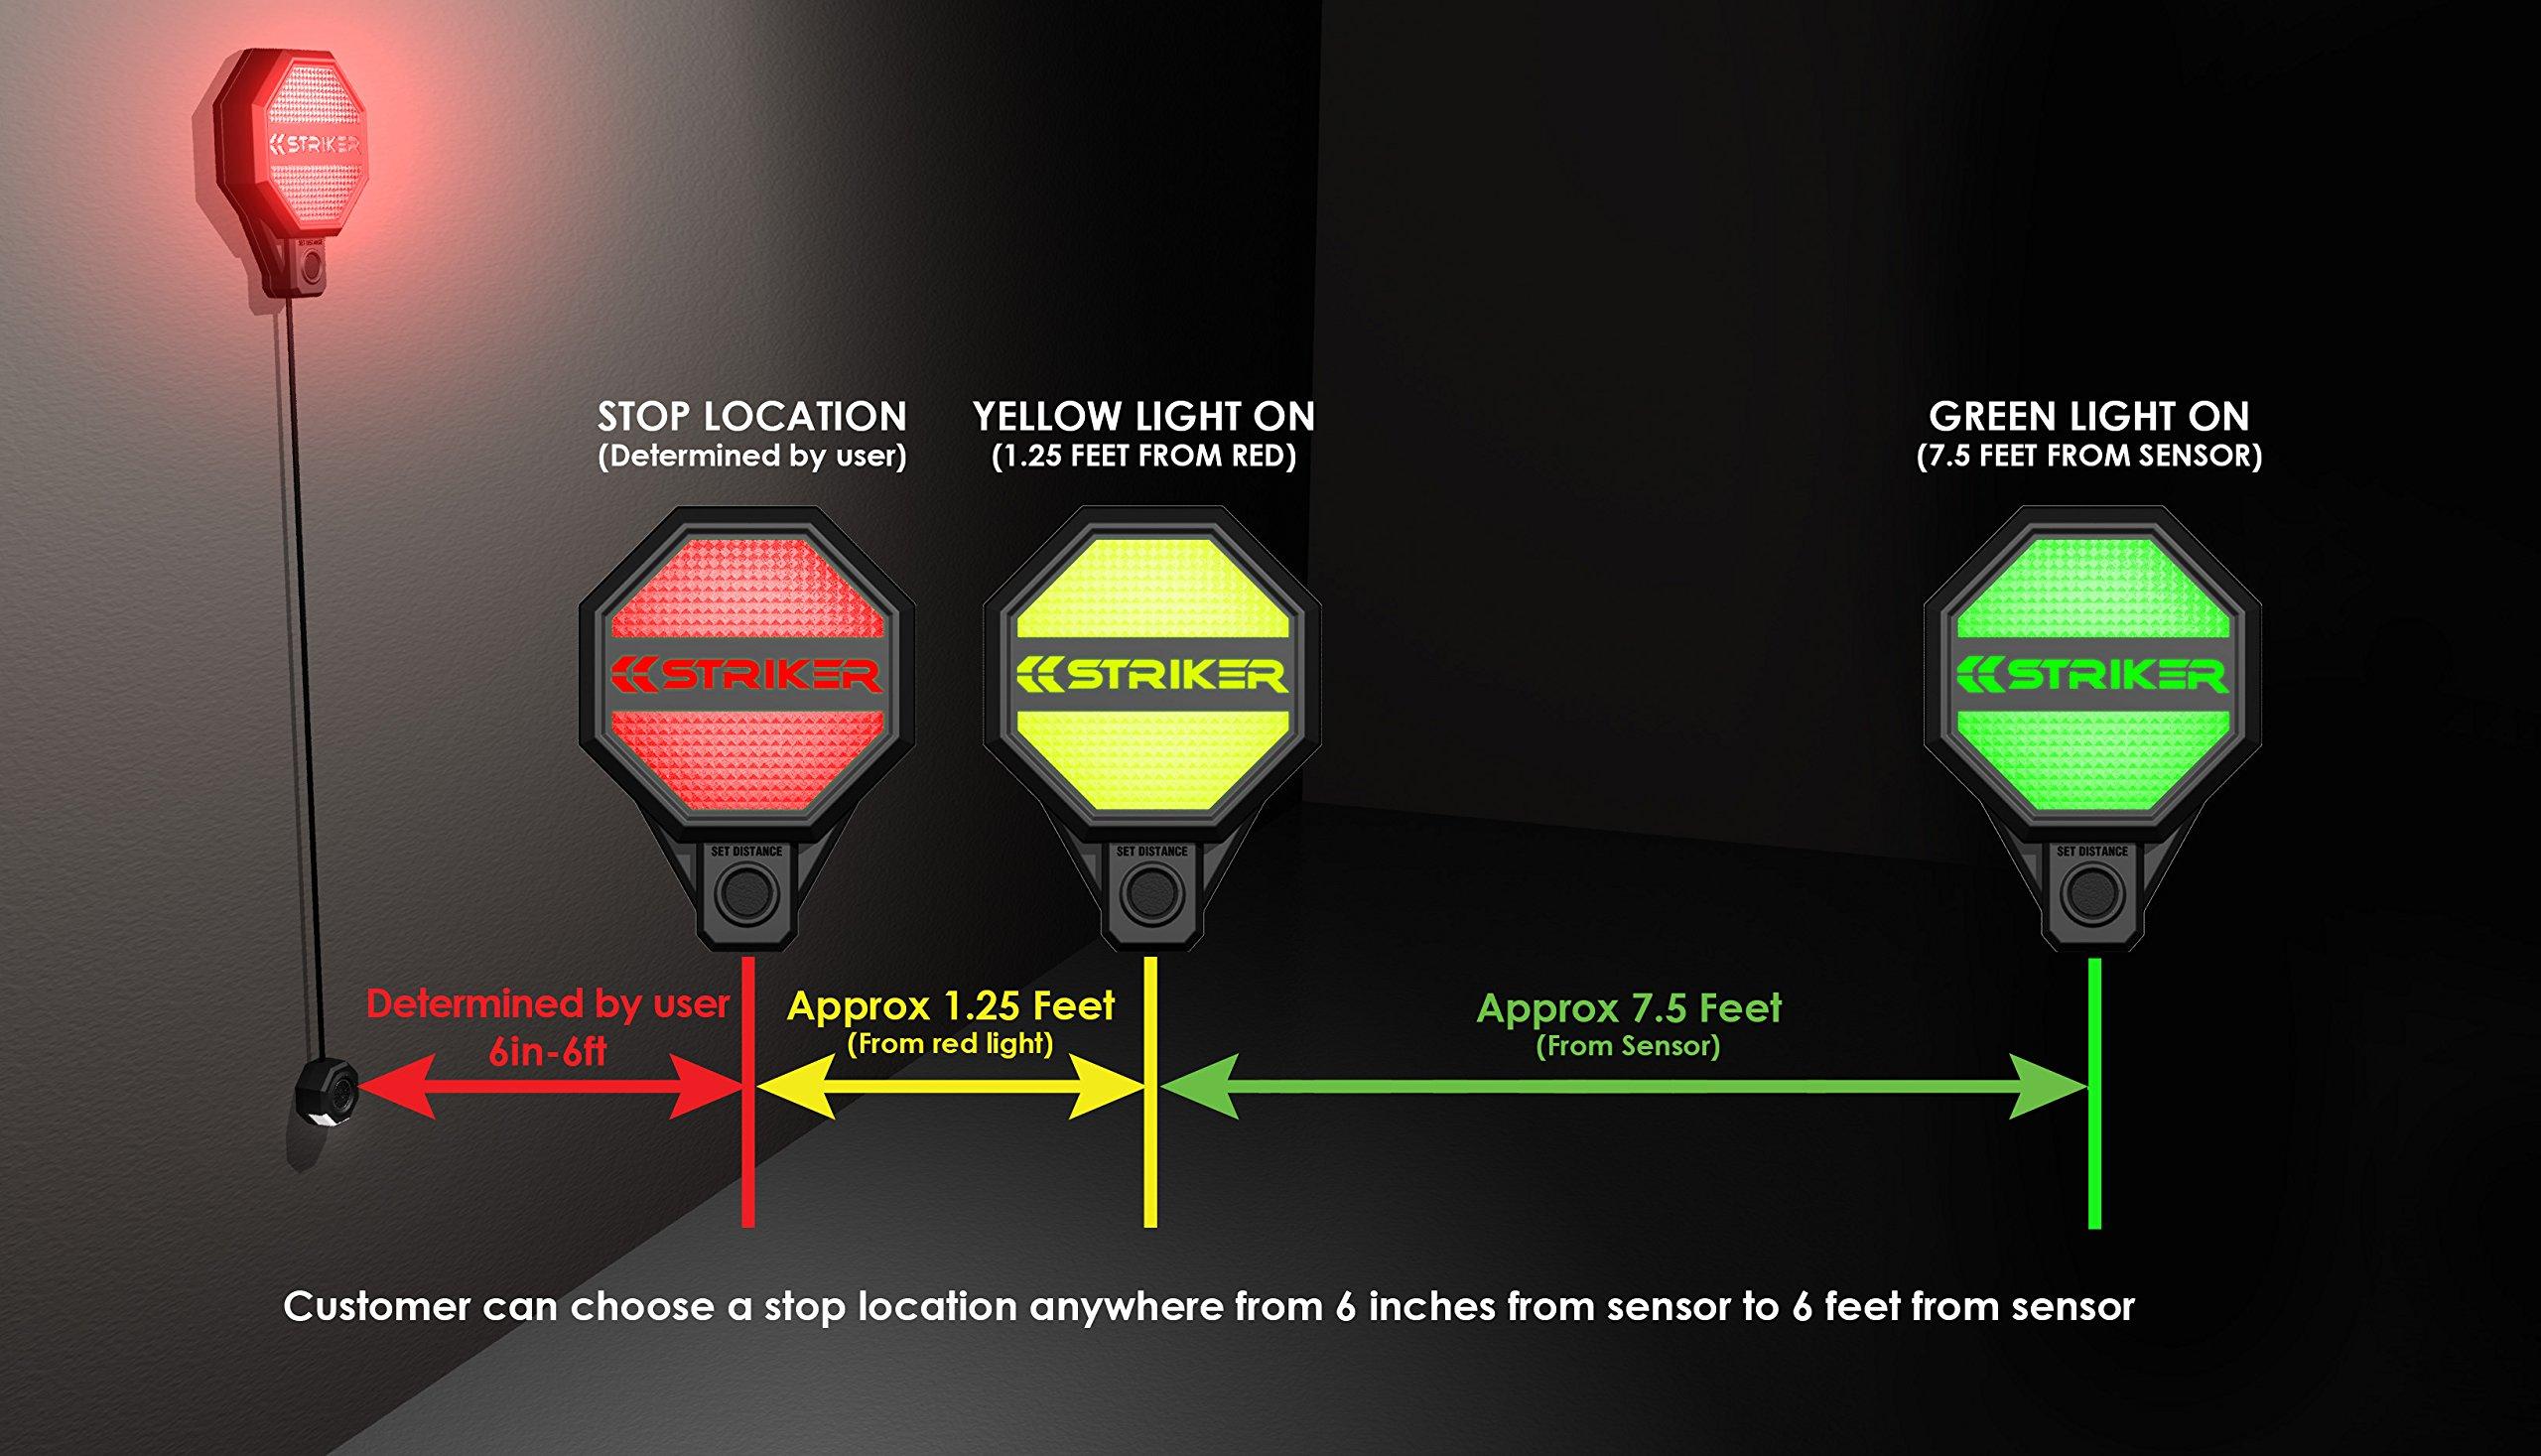 Striker Adjustable Garage Parking Sensor - Parking Aid by Striker Concepts (Image #6)